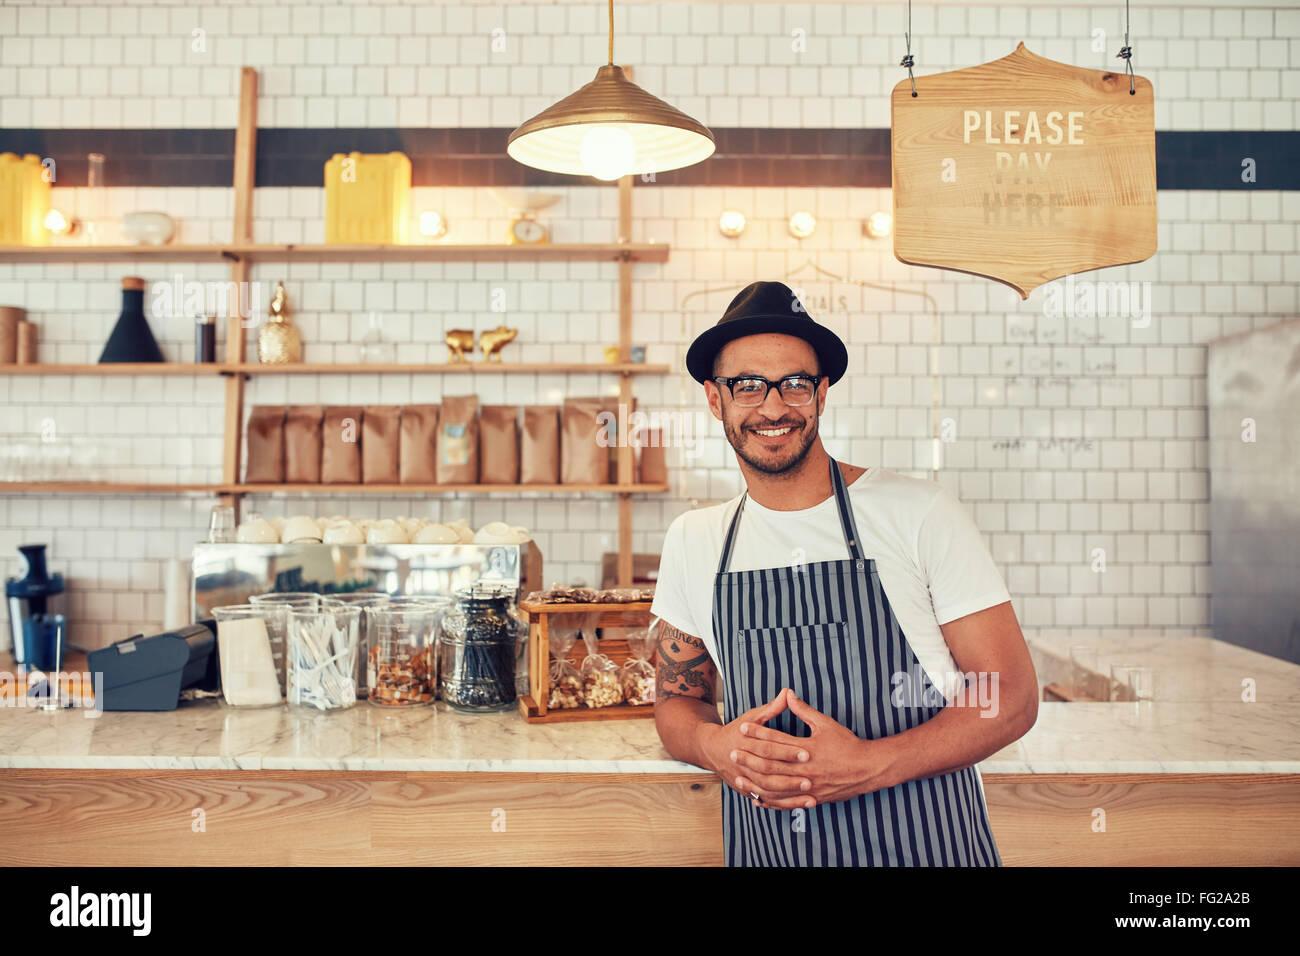 Ritratto di felice giovane uomo che indossa un grembiule e hat appoggiandosi a un contatore cafe. Barista maschio Immagini Stock